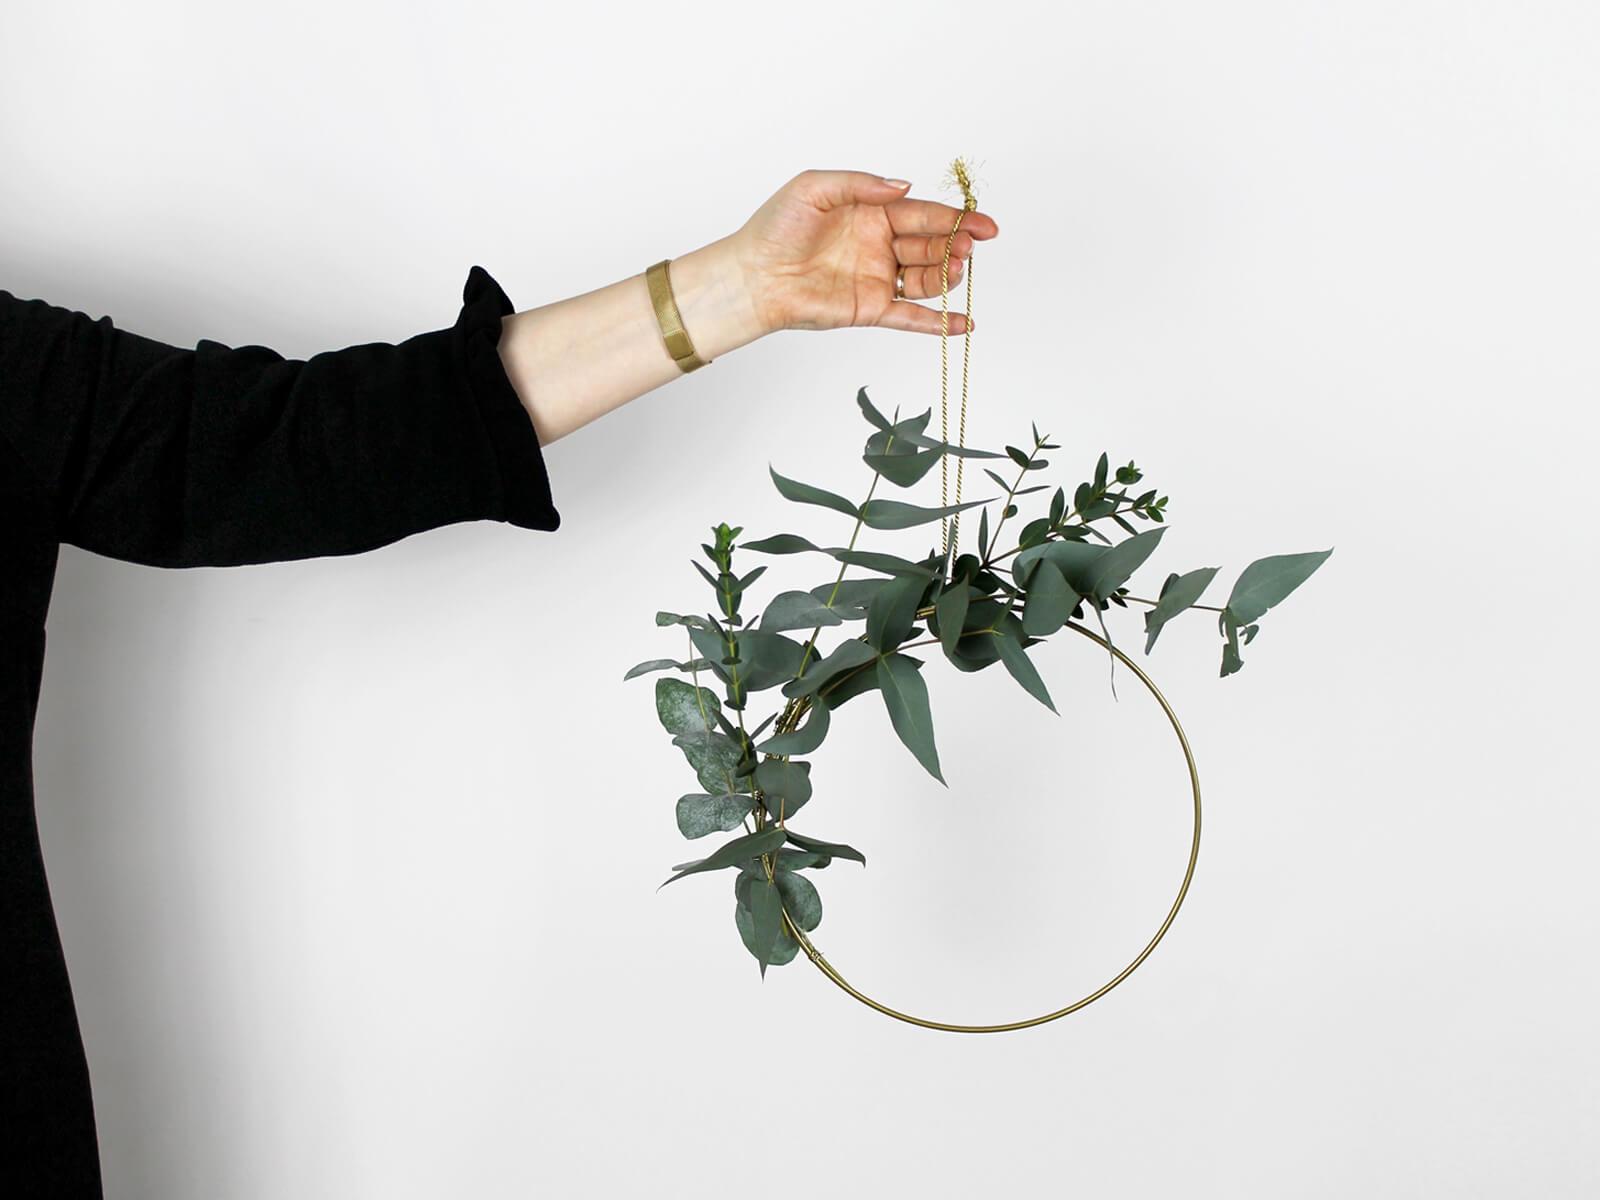 Mit dem selbstgemachten Eukalyptus-Kranz bekommt man eine schöne Winterdekoration.